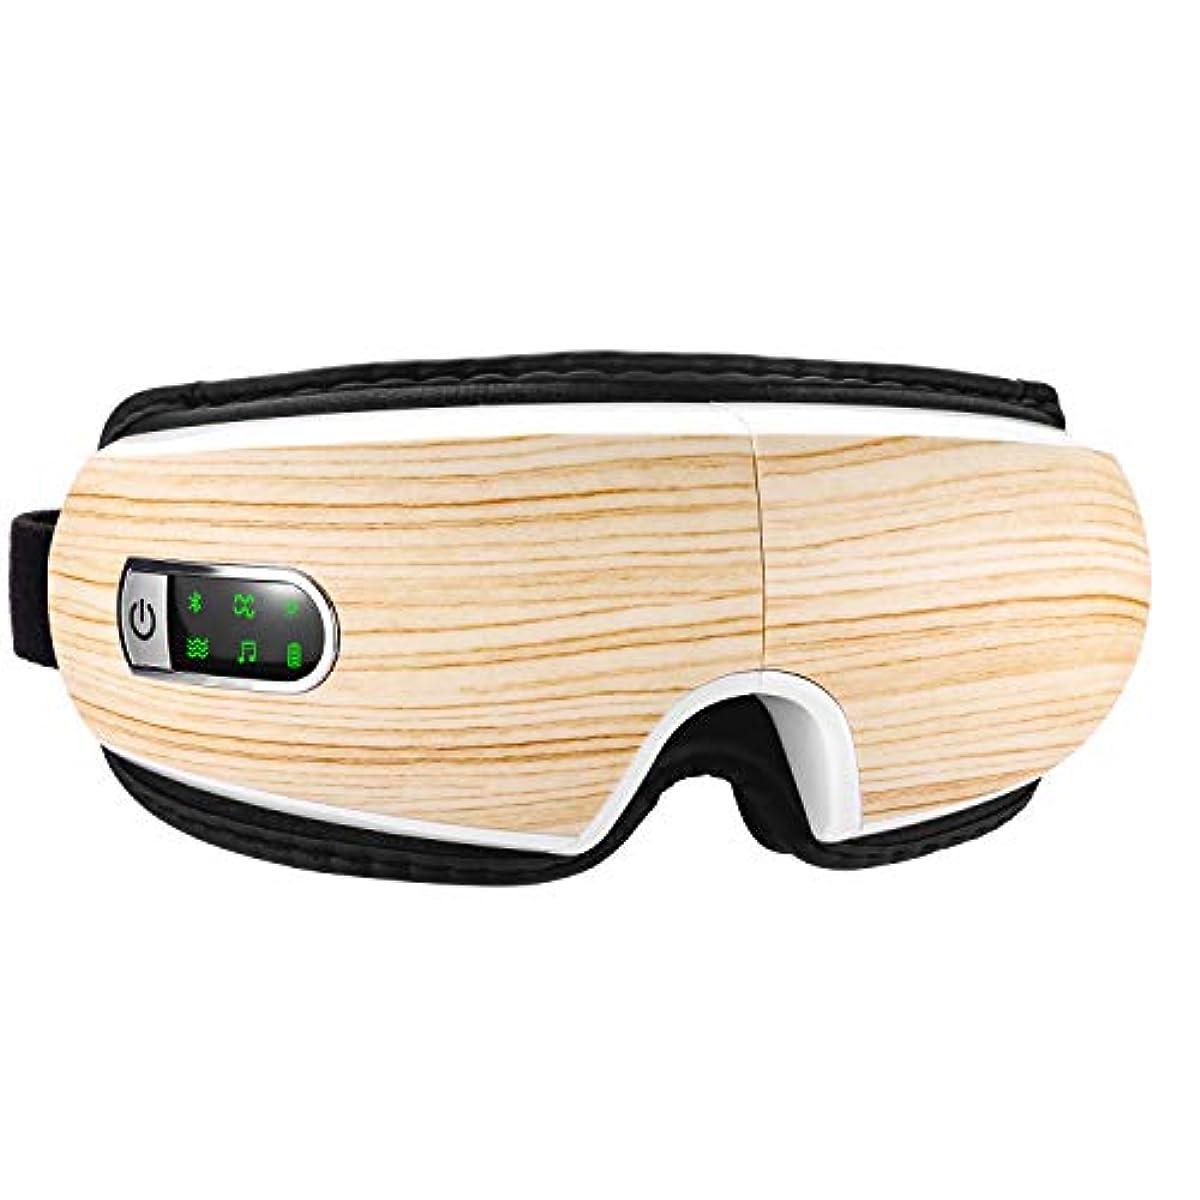 単なる年齢第二目マッサージ器 目元エステ 目元美顔器 ホットアイマスク 快眠グッズ 振動機能 音楽機能 USB充電式 タイマー機能 アイマスク